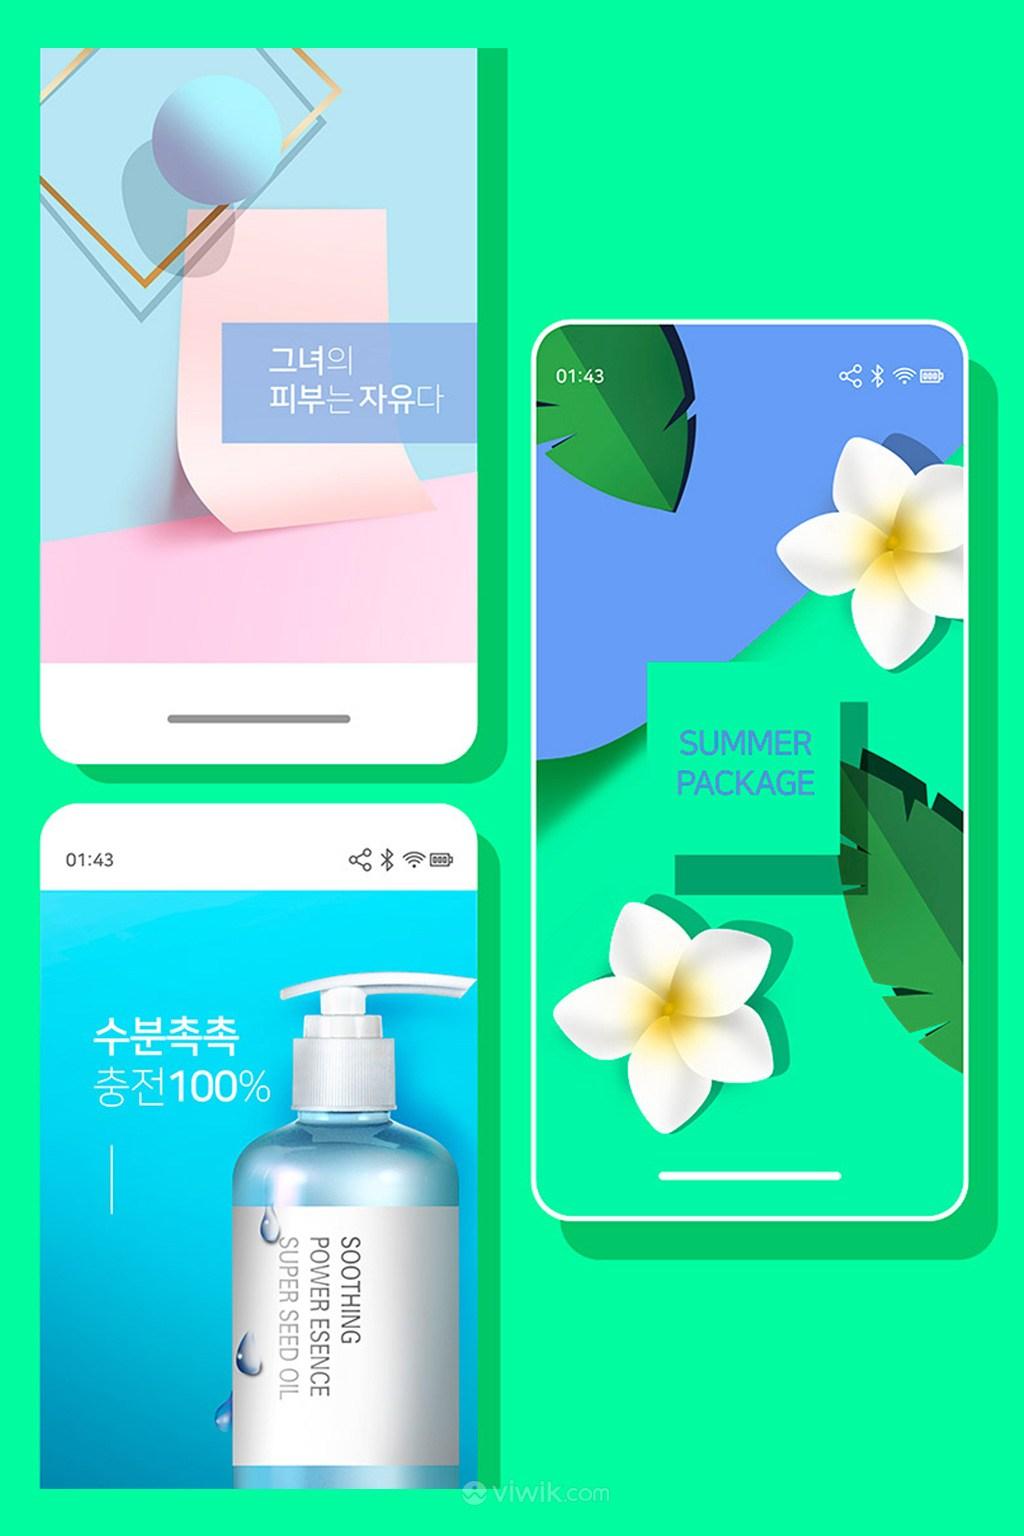 糖果色时尚app广告日用品设计模板